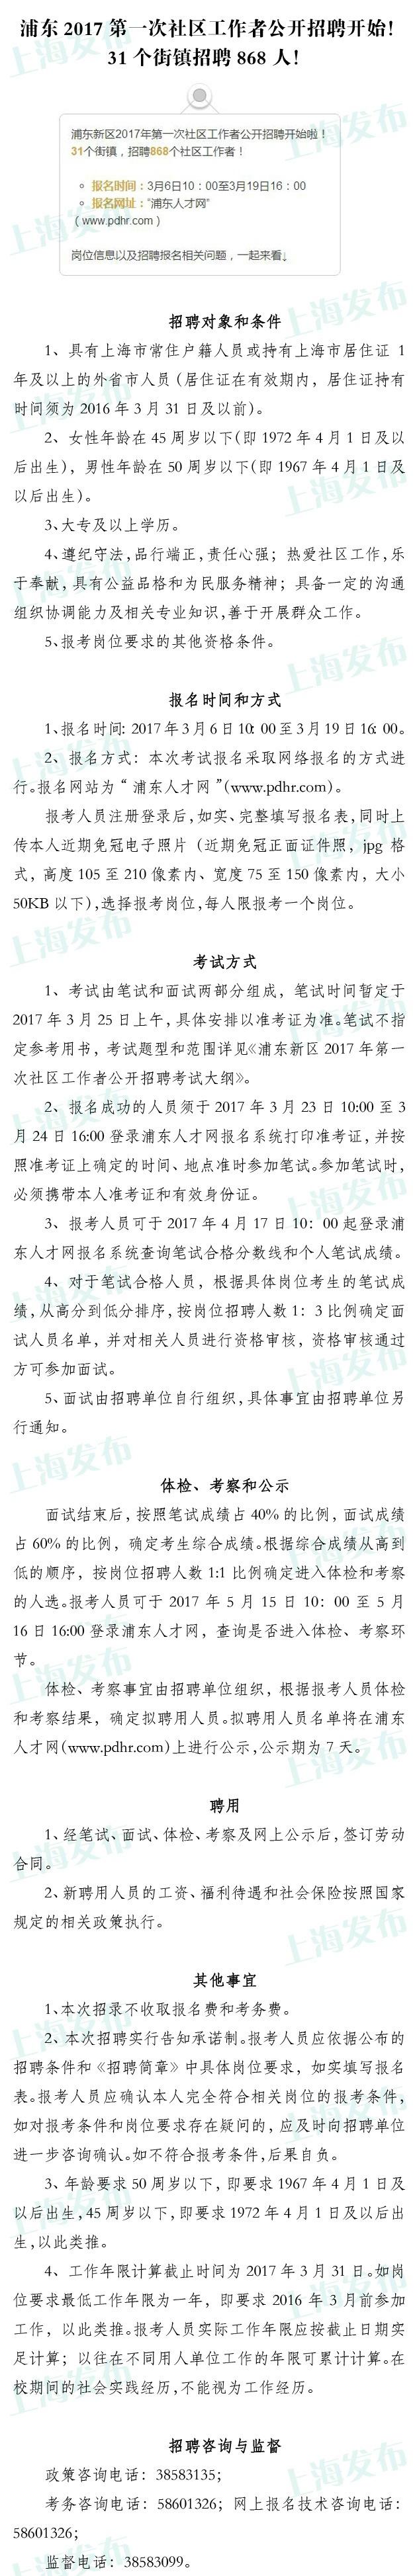 上海浦东新区31个街镇招聘868名社区工作者 报名启动